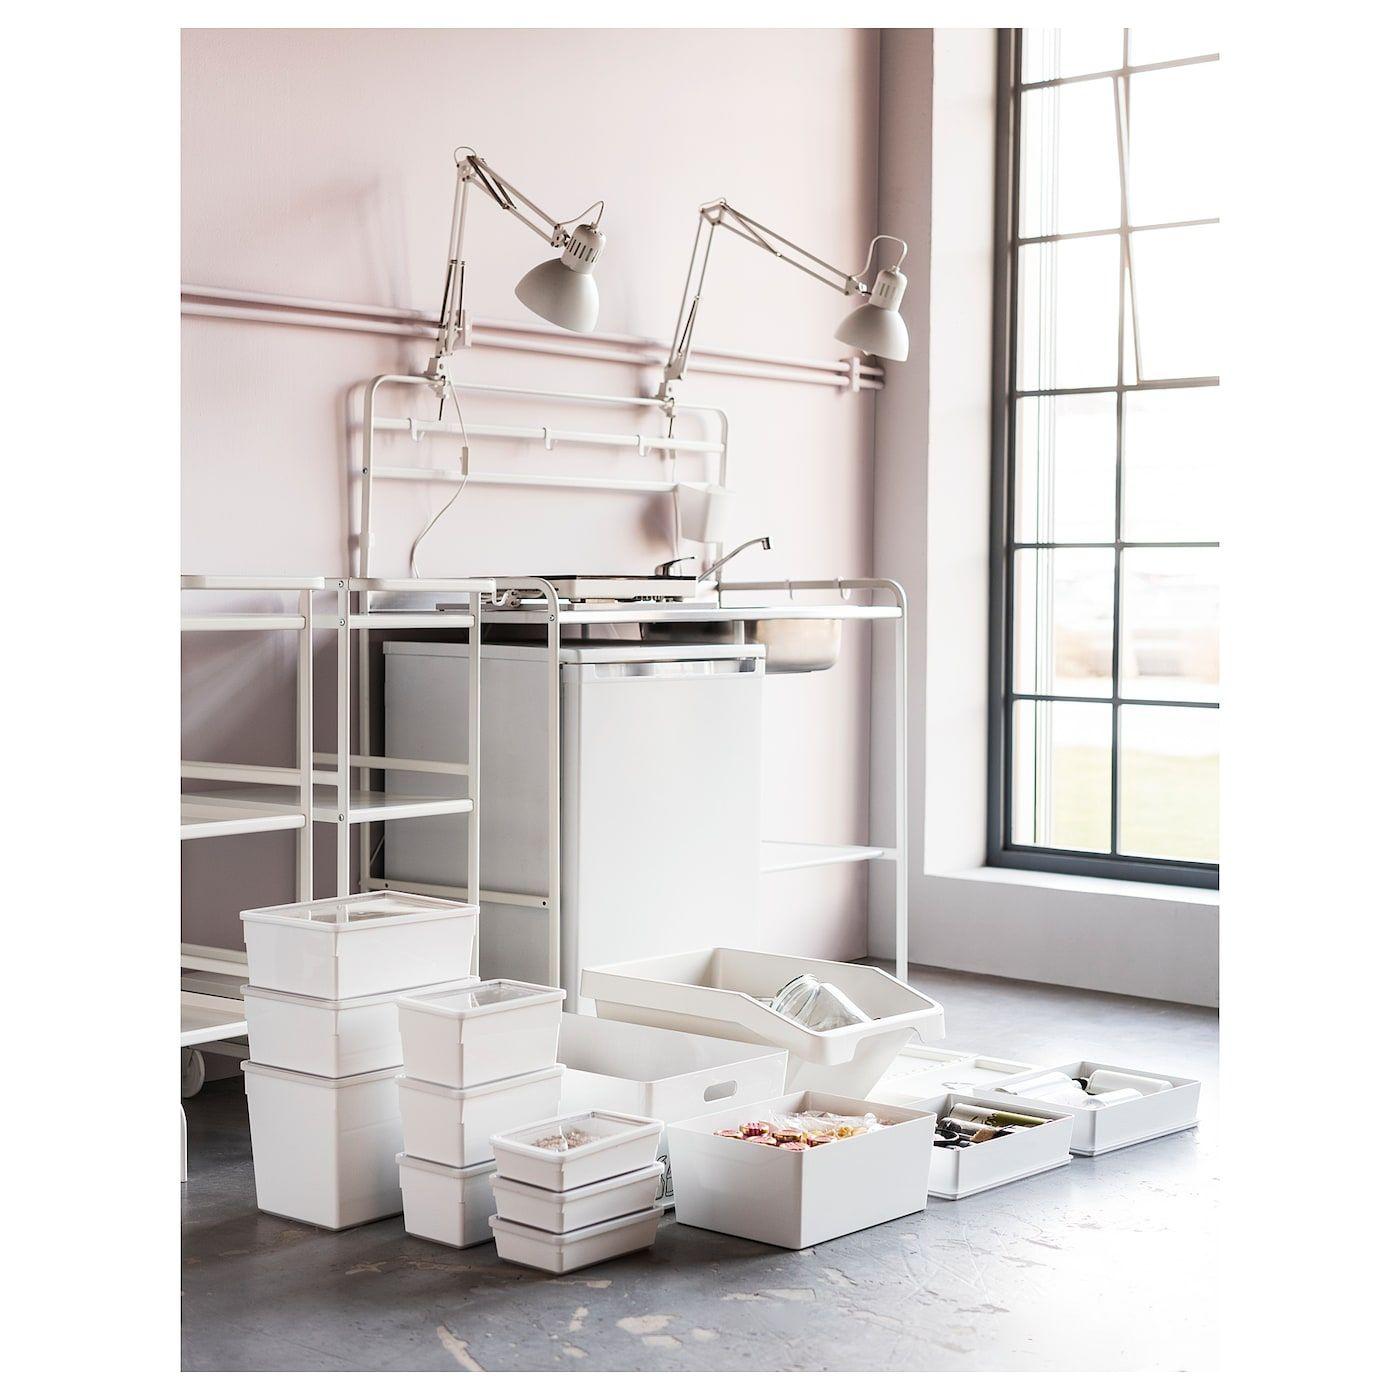 Full Size of Miniküche Ikea Sunnersta Minikche Sterreich Kuggis Küche Kosten Mit Kühlschrank Sofa Schlaffunktion Betten Bei Stengel 160x200 Modulküche Kaufen Wohnzimmer Miniküche Ikea